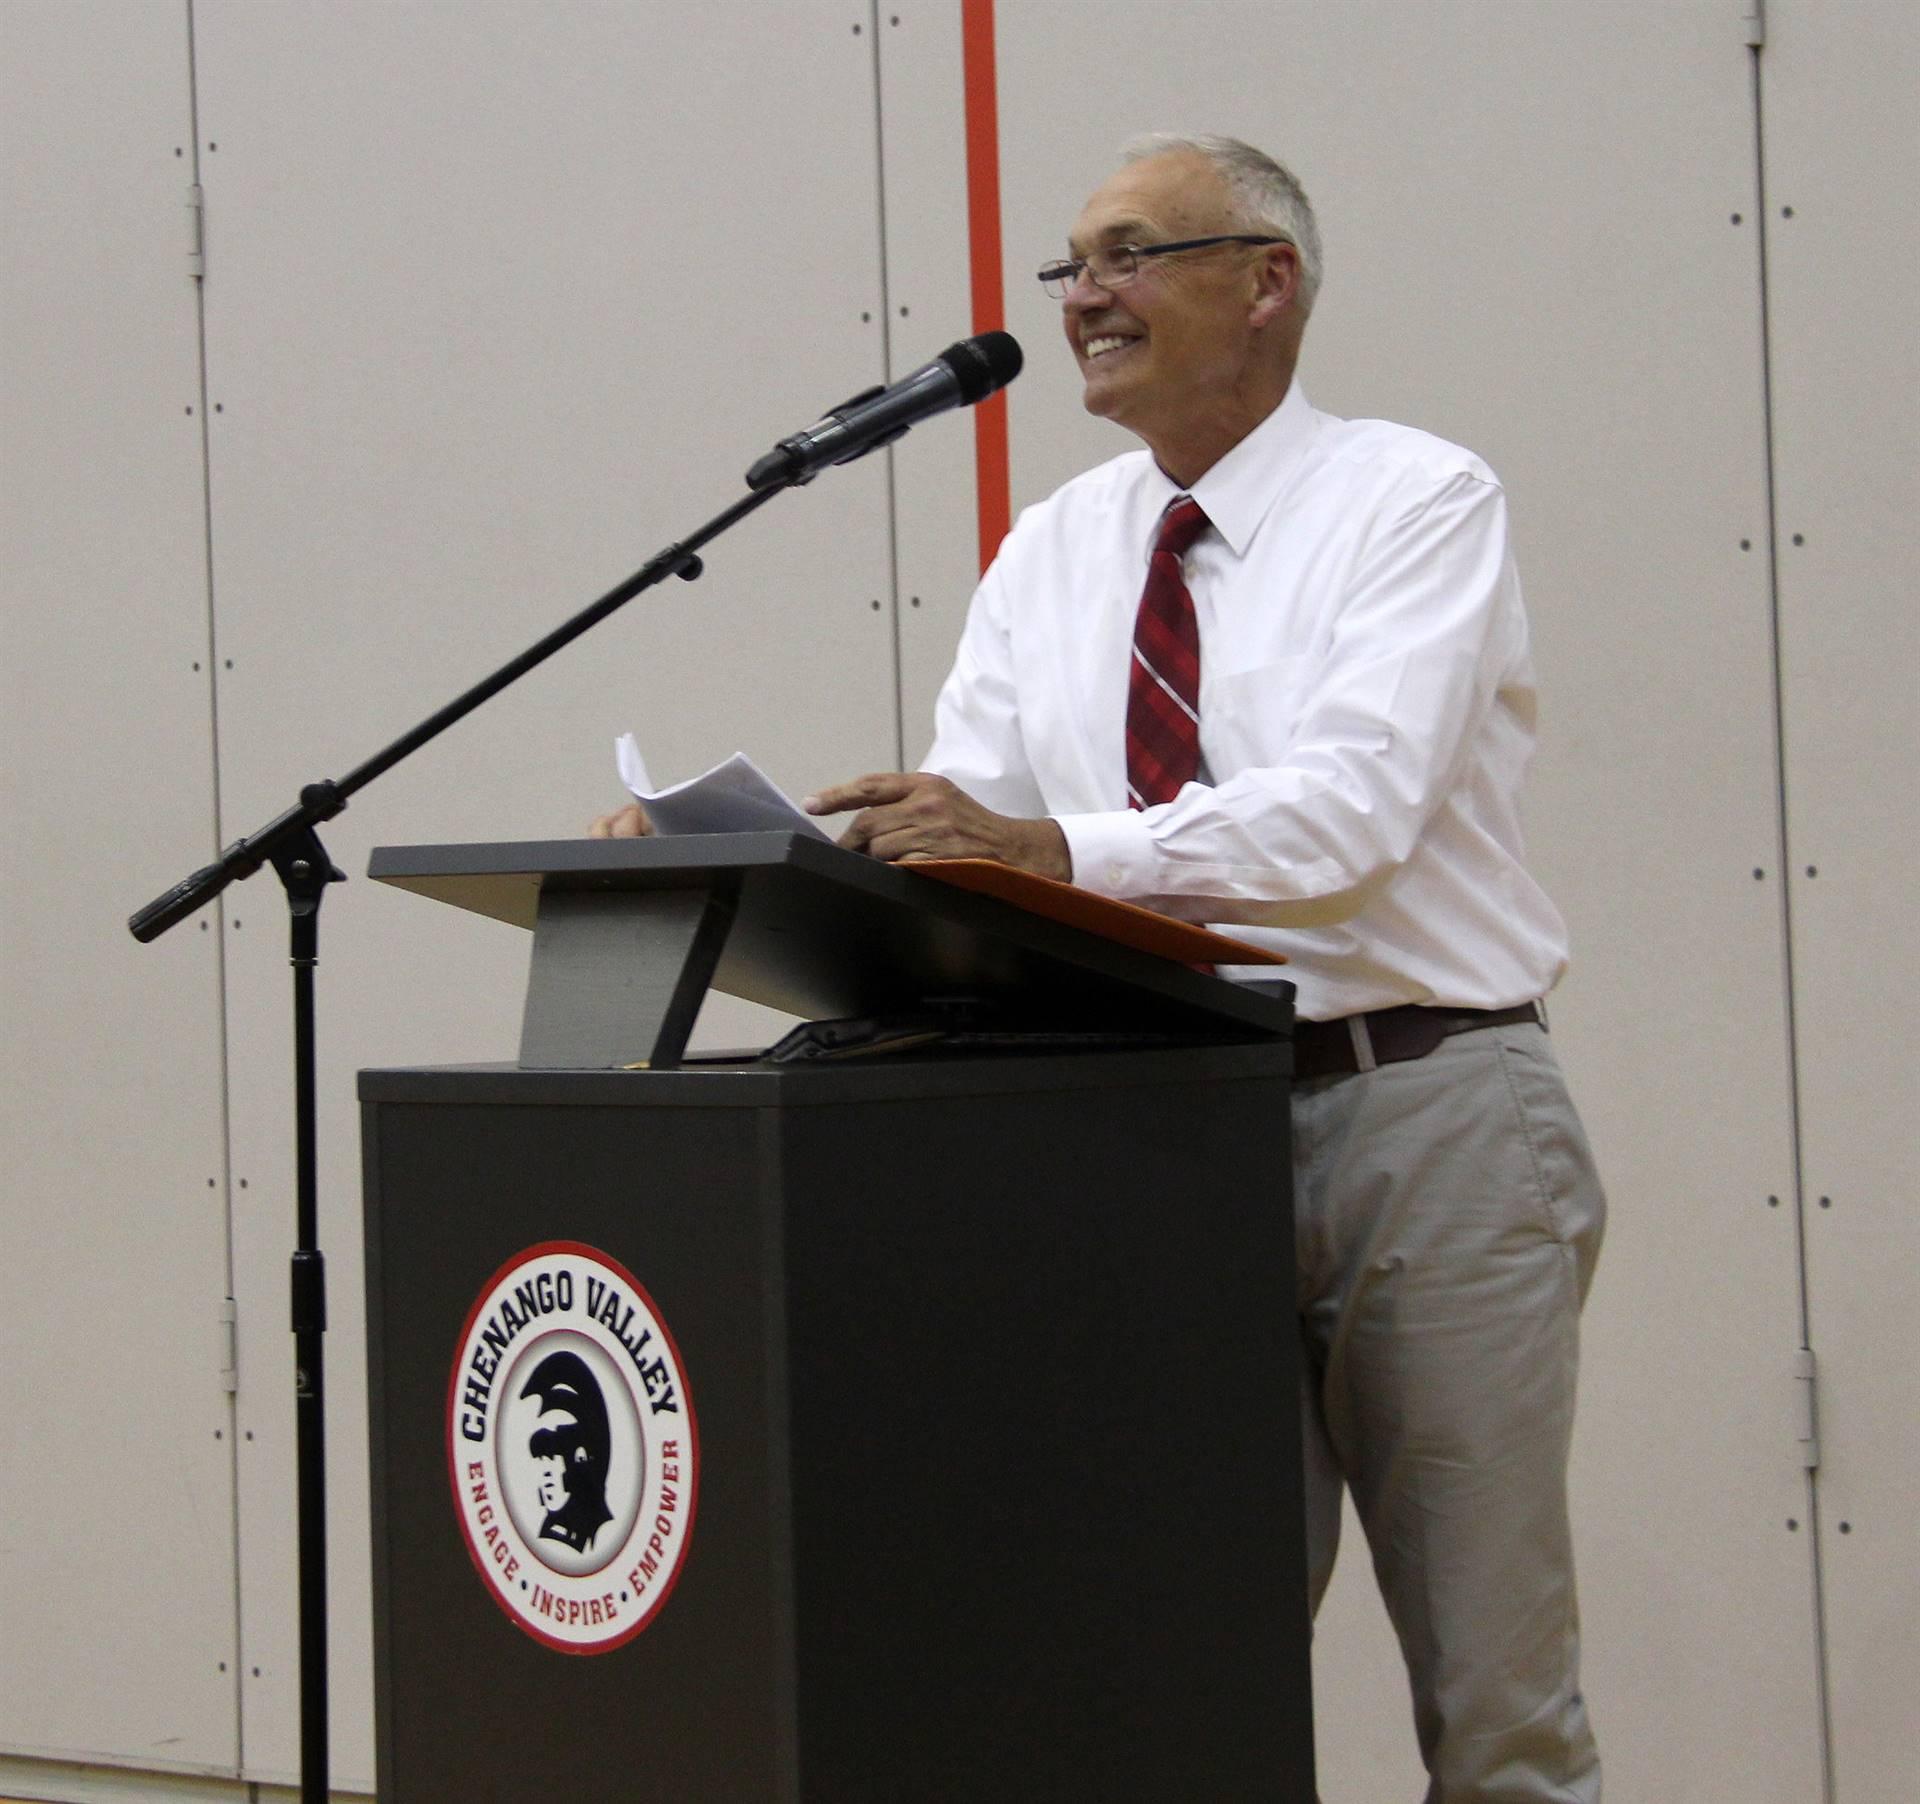 mister zanot giving speech